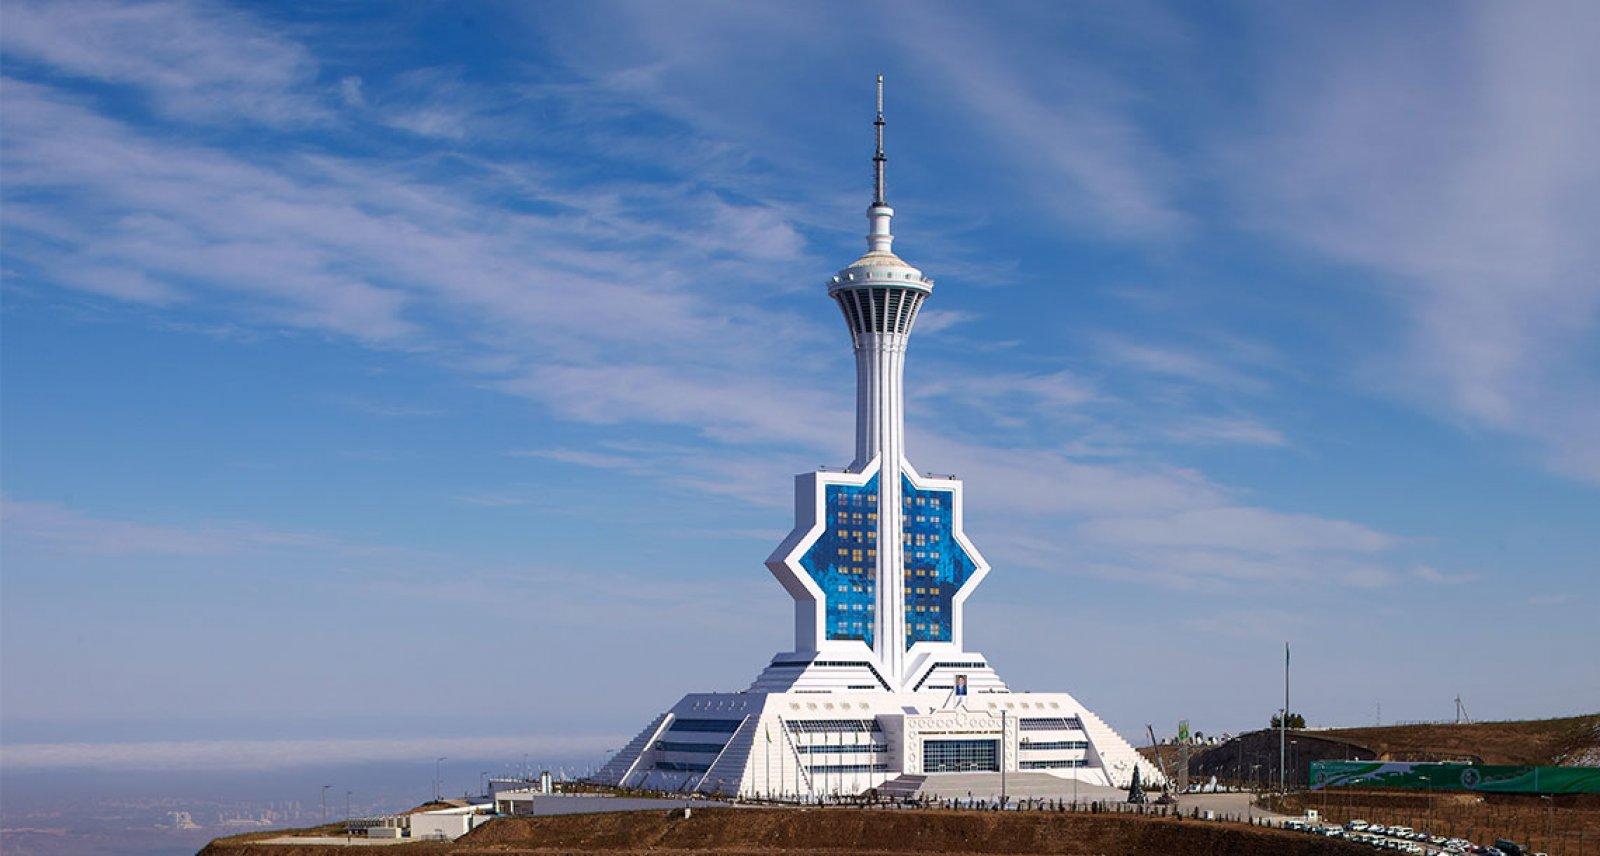 Televizyon Kulesi, Türkmenistan